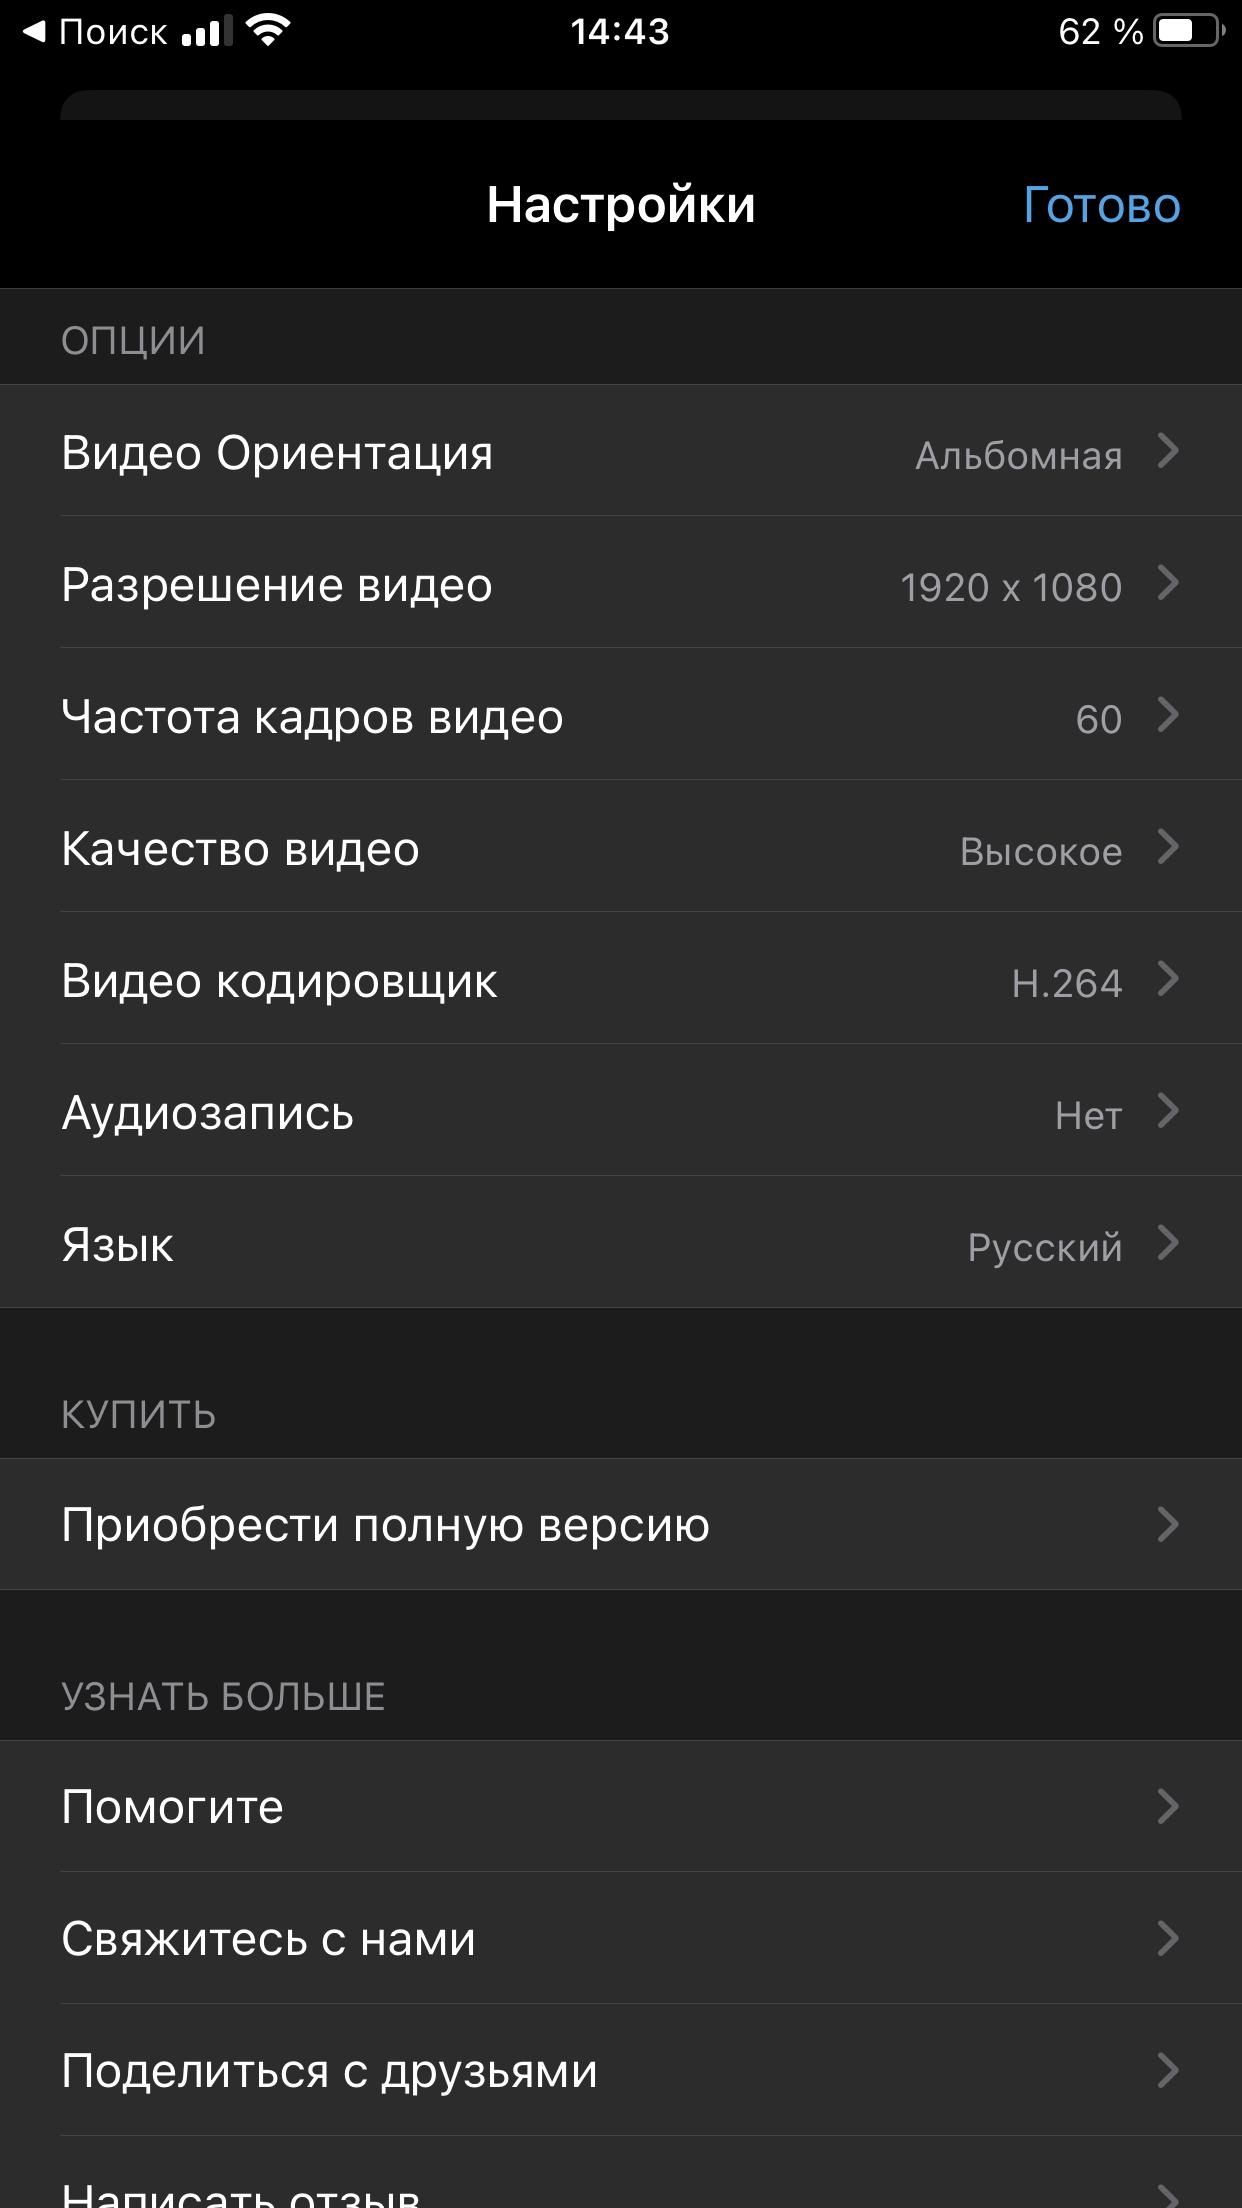 iVCam - приложение для видеонаблюдения. Инструкция. Скачать